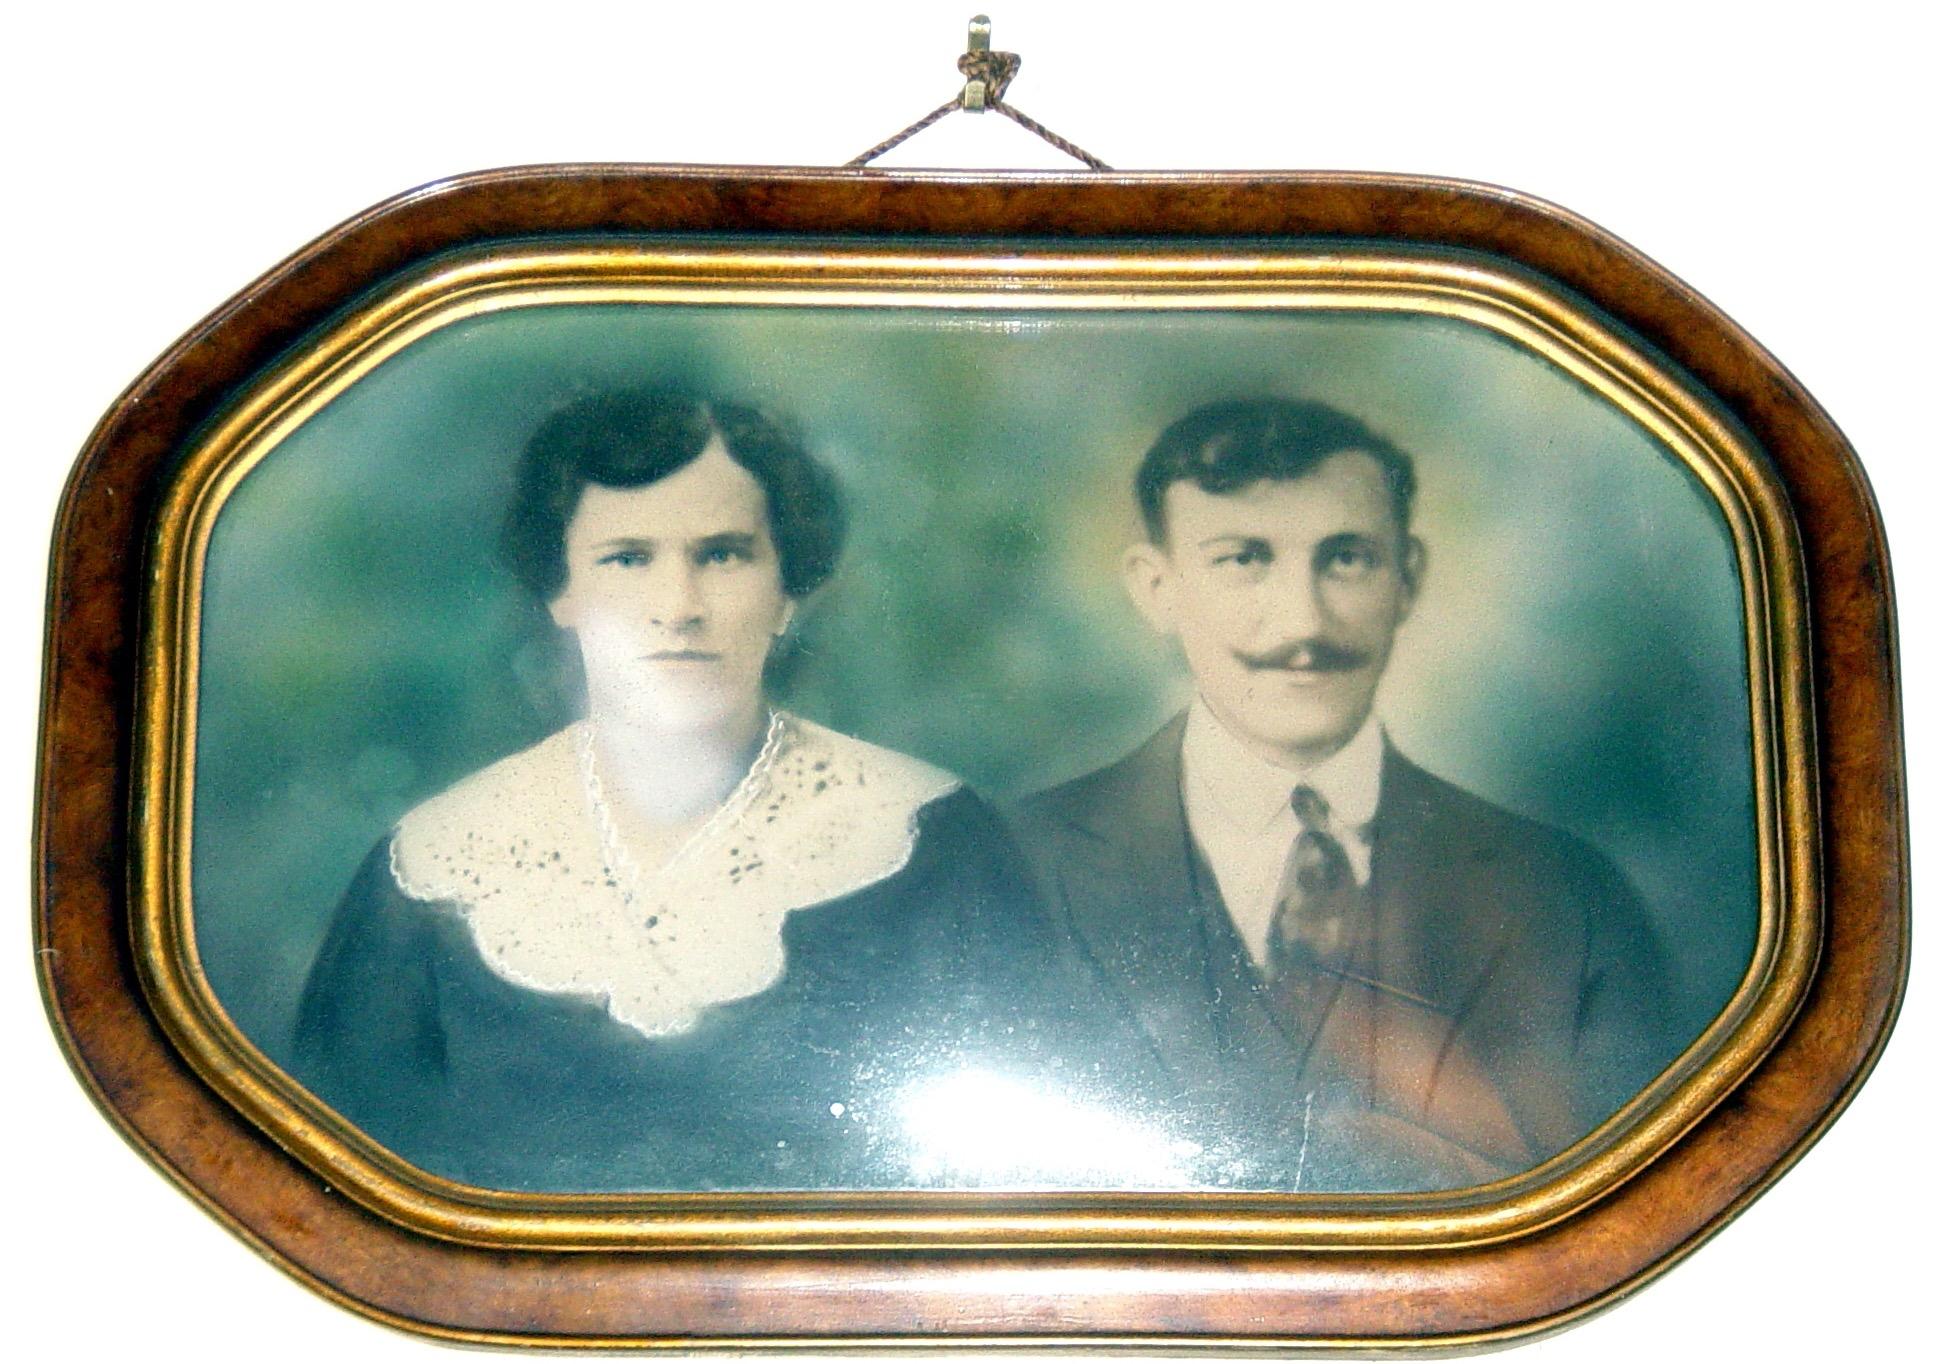 Walerya & Jozef Eliasz from 1913